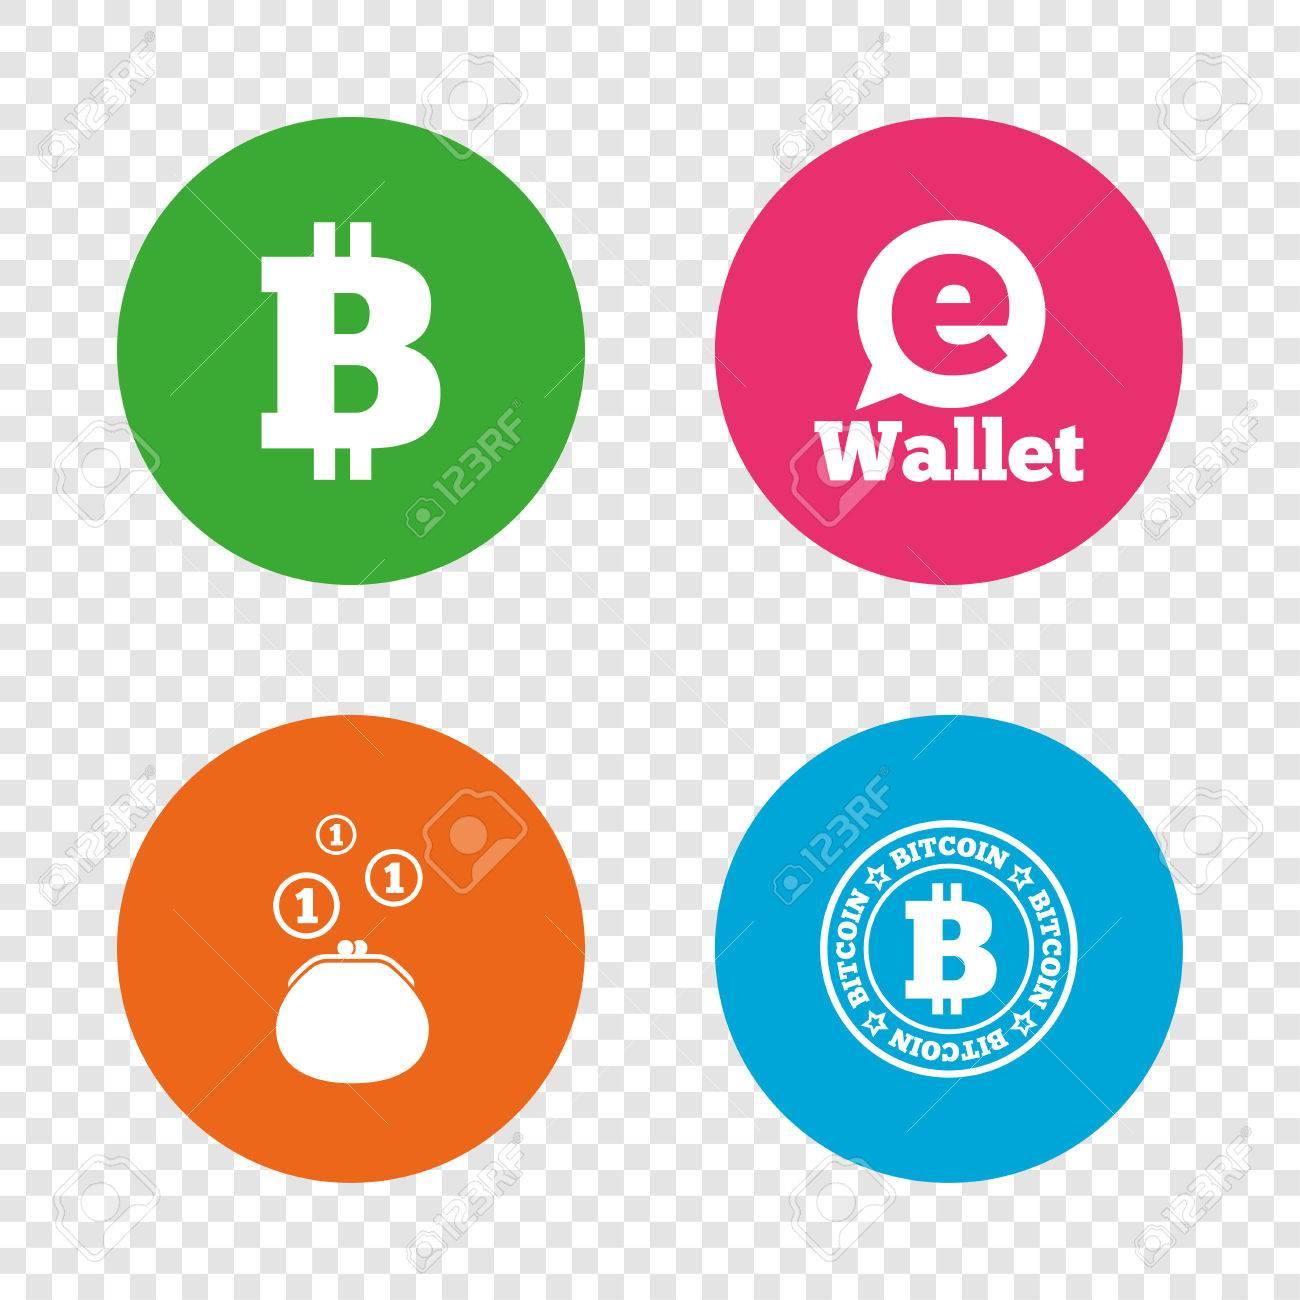 Man buys lamborghini with bitcoin